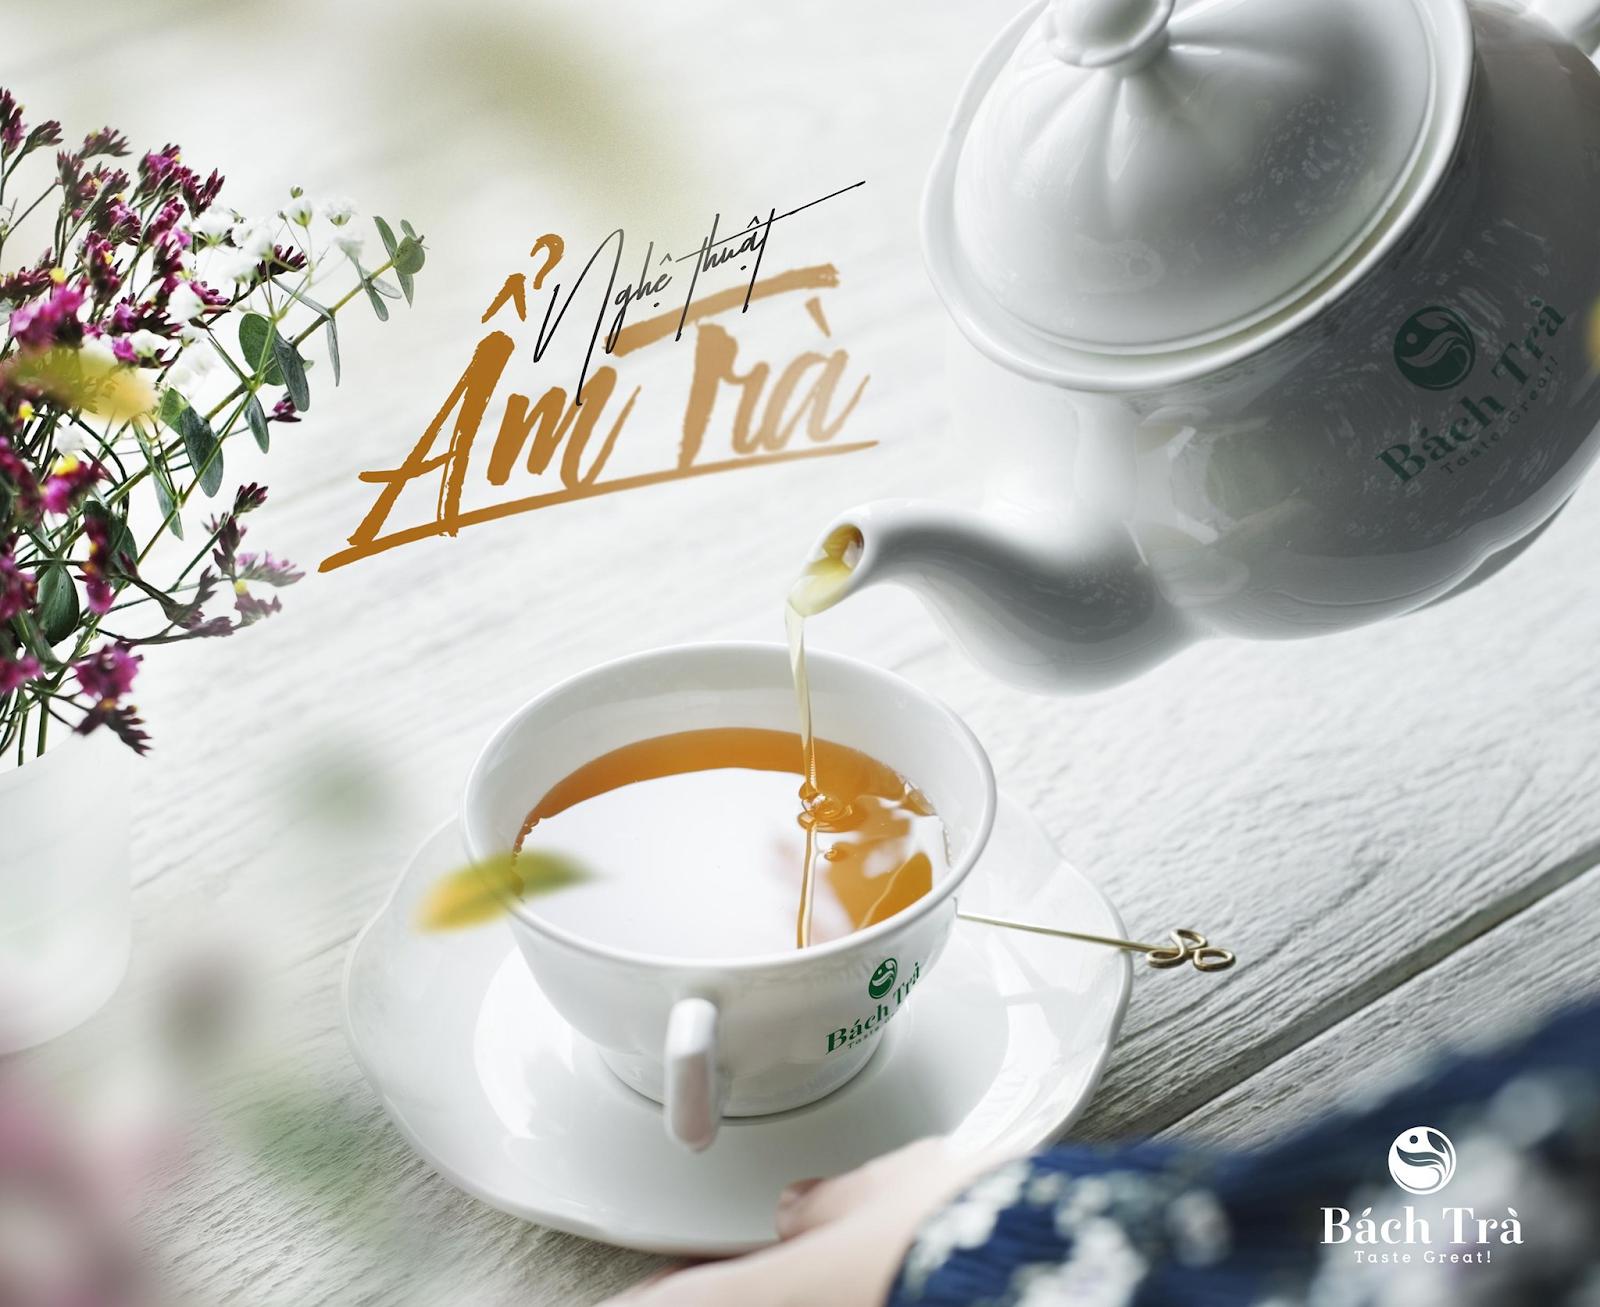 (Thưởng trà là cả một bộ môn nghệ thuật)